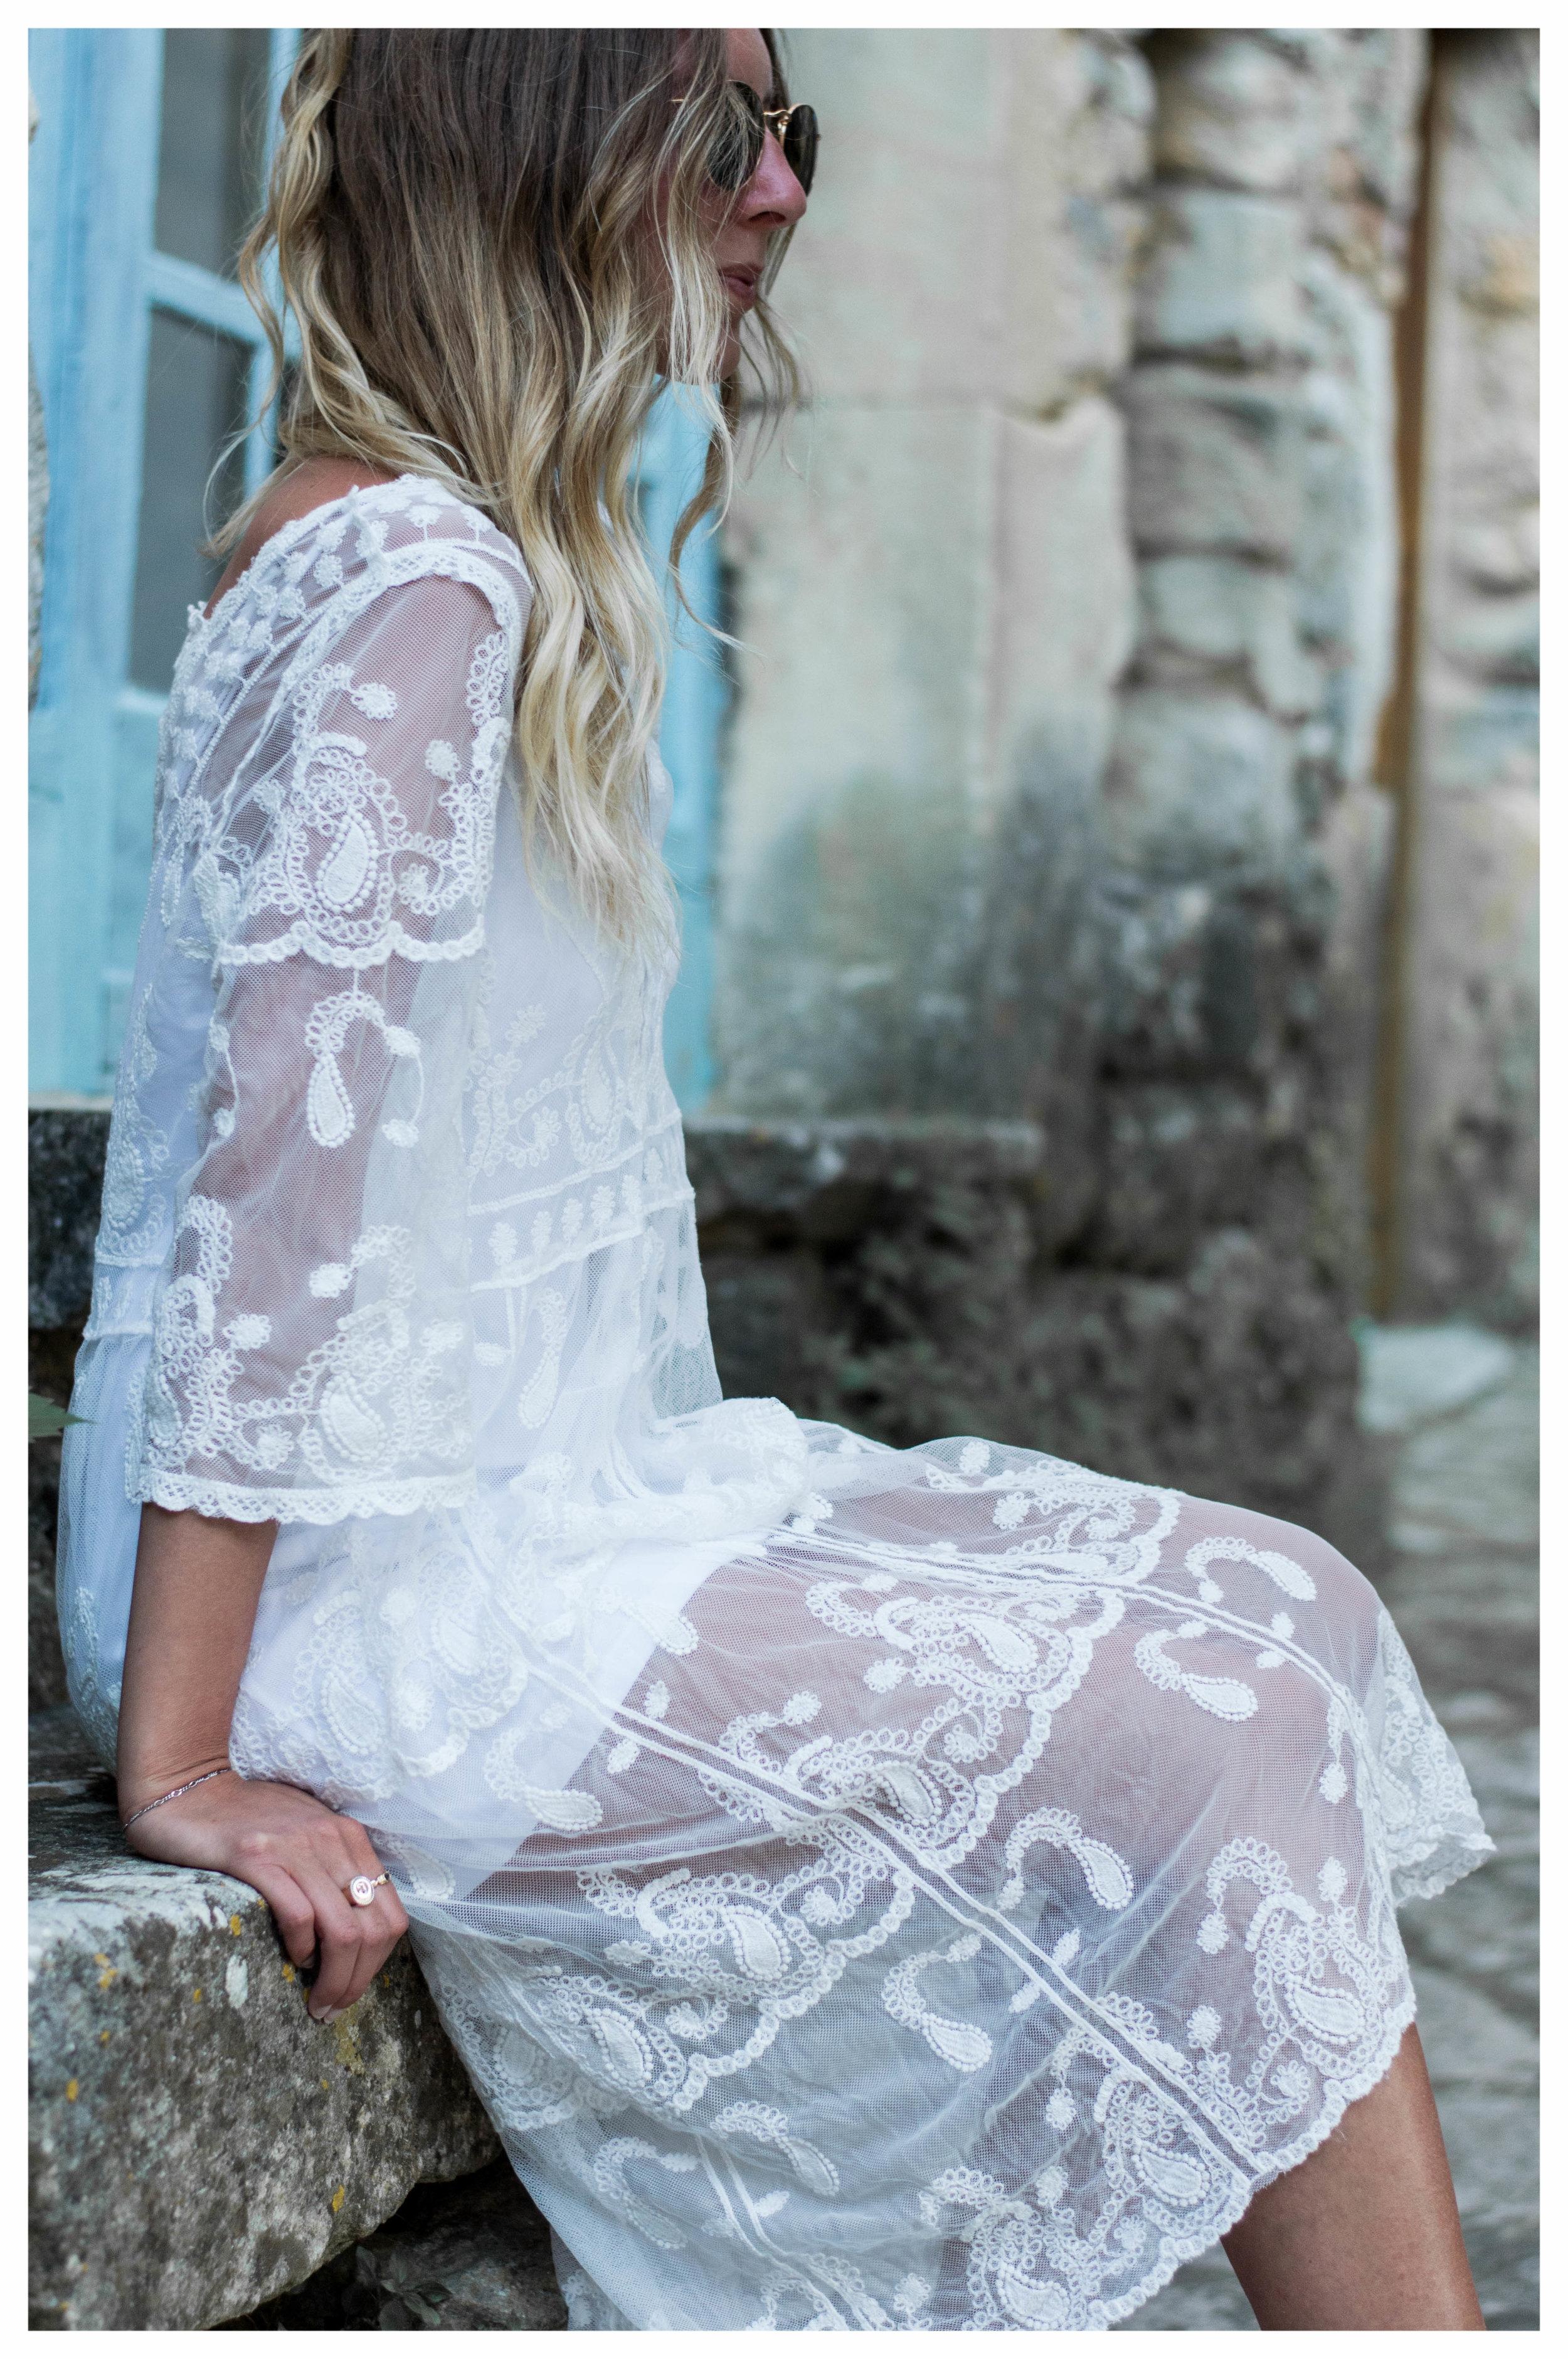 Cornillon White Dress June - OSIARAH.COM (1 of 1)-5.jpg